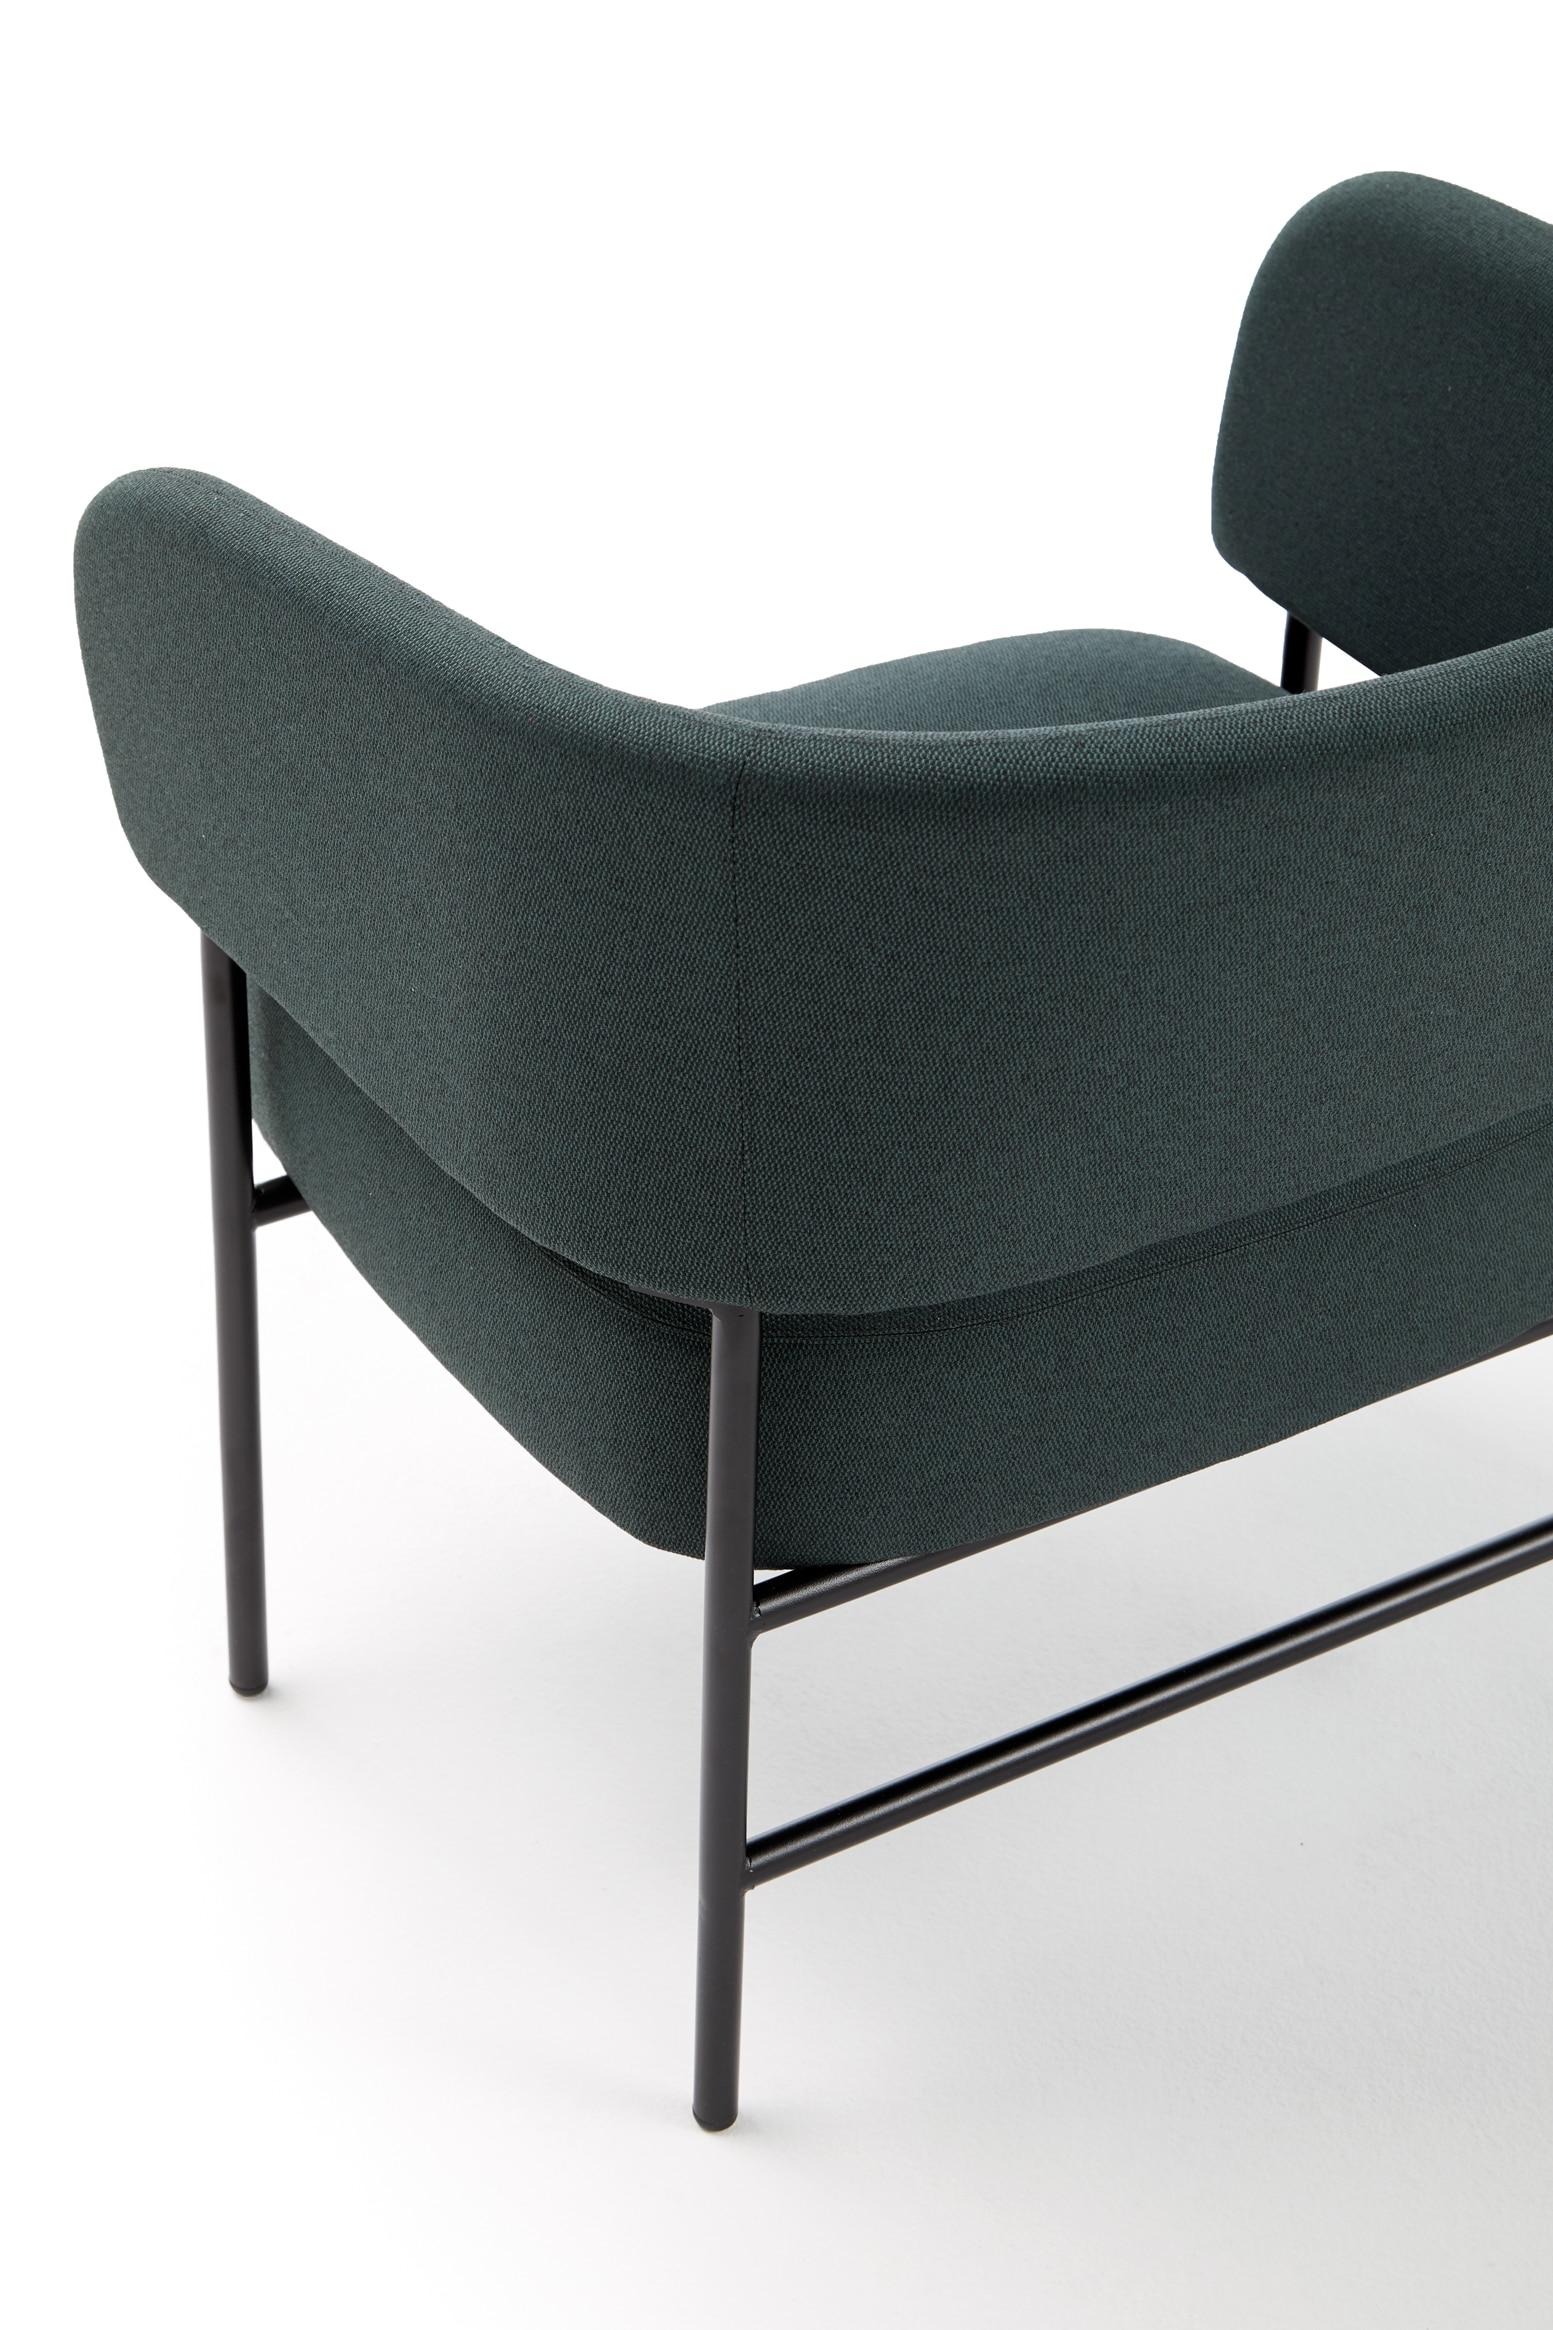 Colección RC - Muebles de diseño - Blasco&Vila